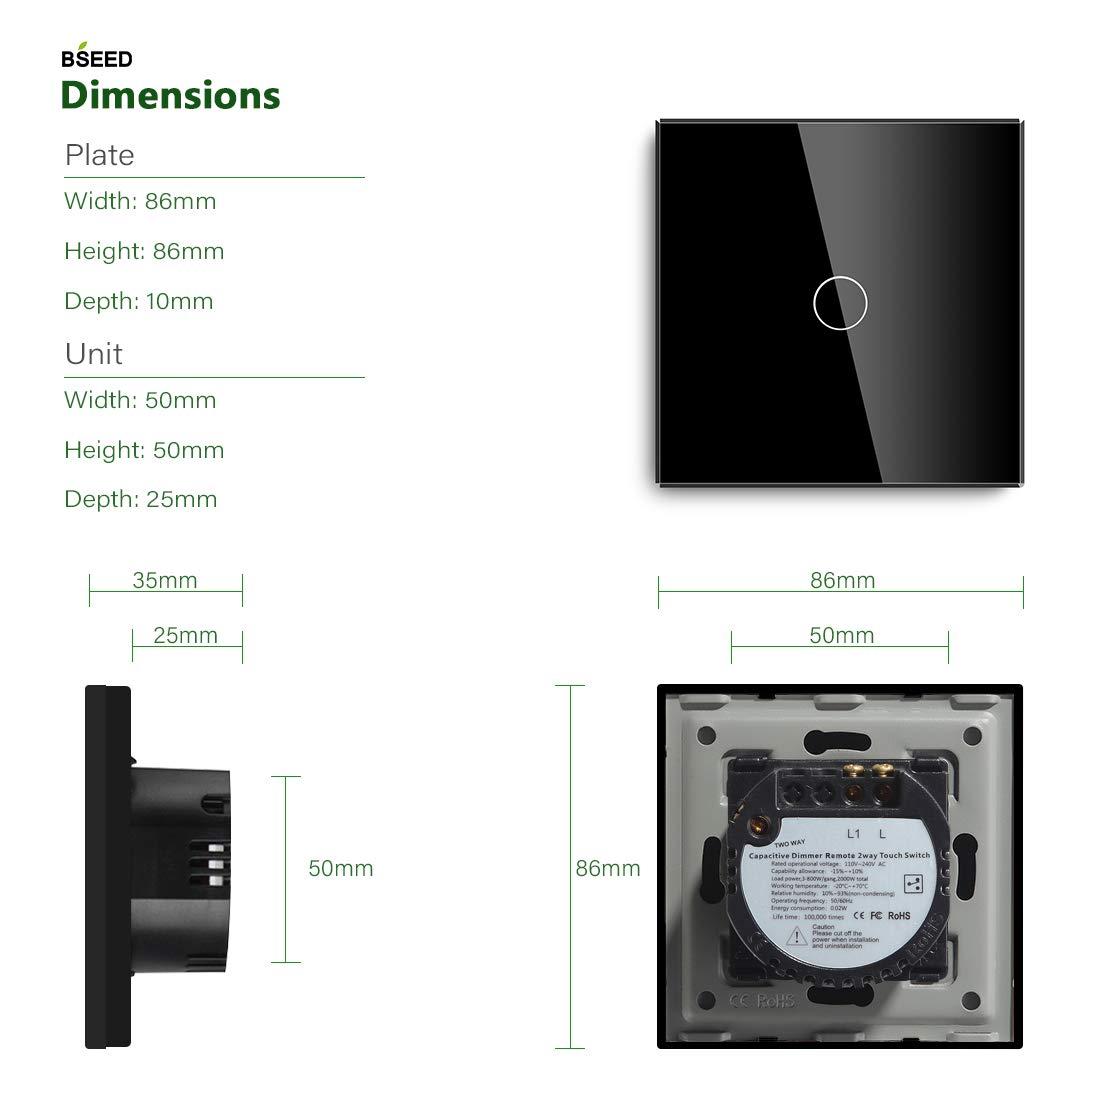 Adaptador Led requerido BSEED Interruptor regulador de luz con Remoto 1 Gang 2 Way LED Dimmer Switch interruptor t/áctil de pared con control remoto inal/ámbrico Negro